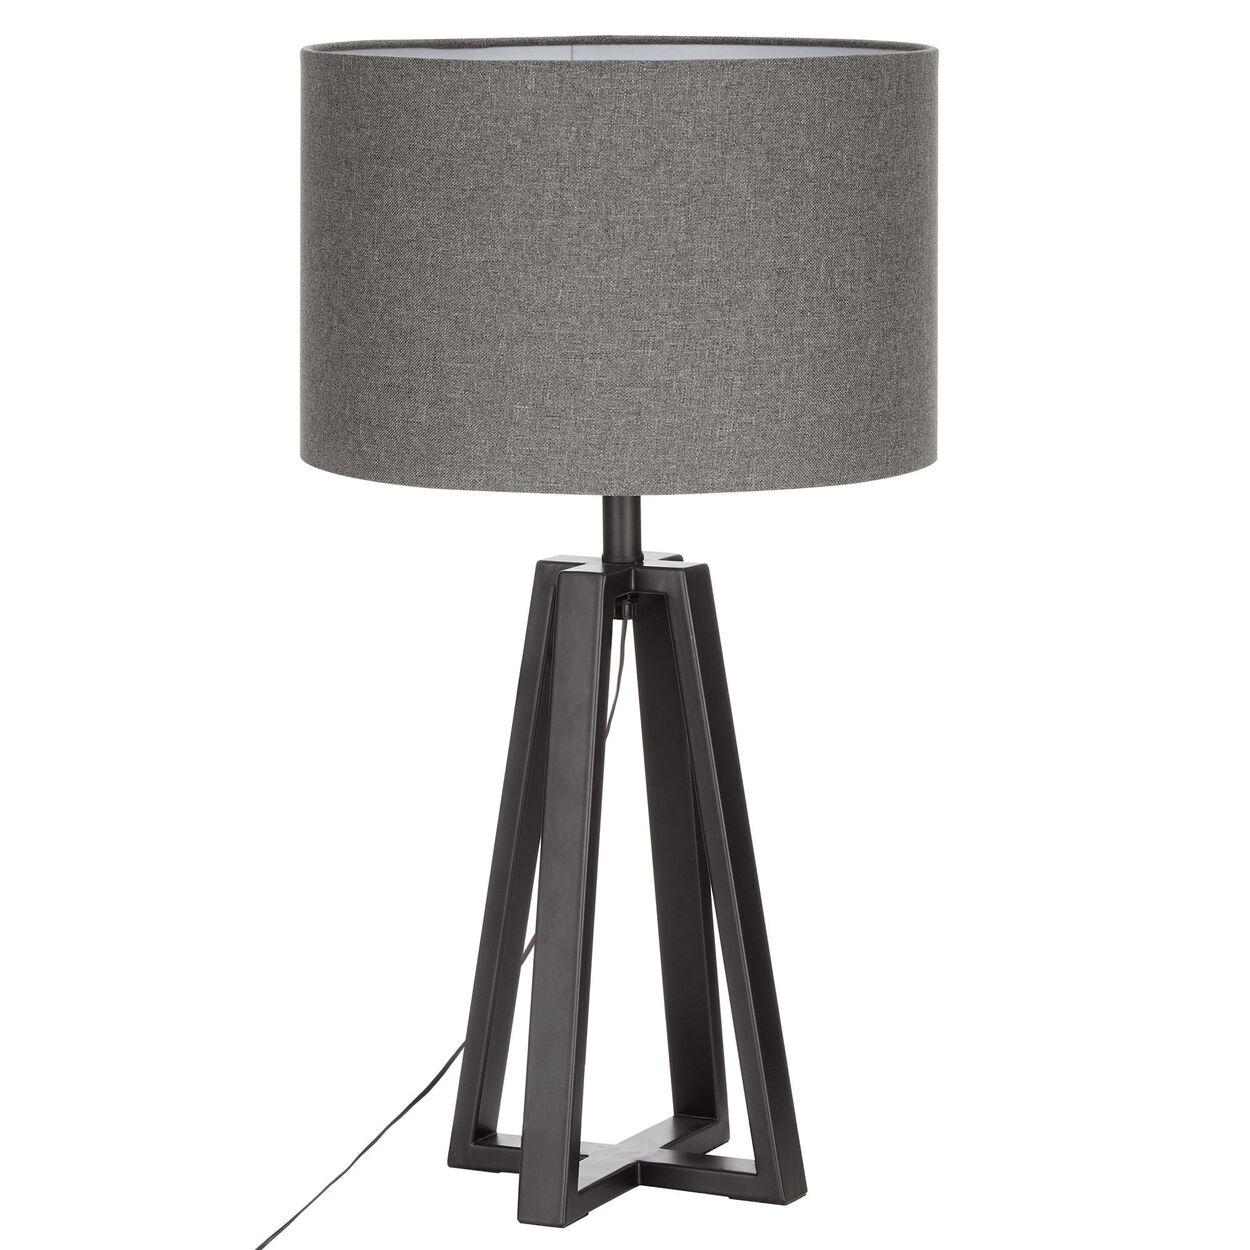 metal lighting. Geometric Metal Table Lamp Lighting N